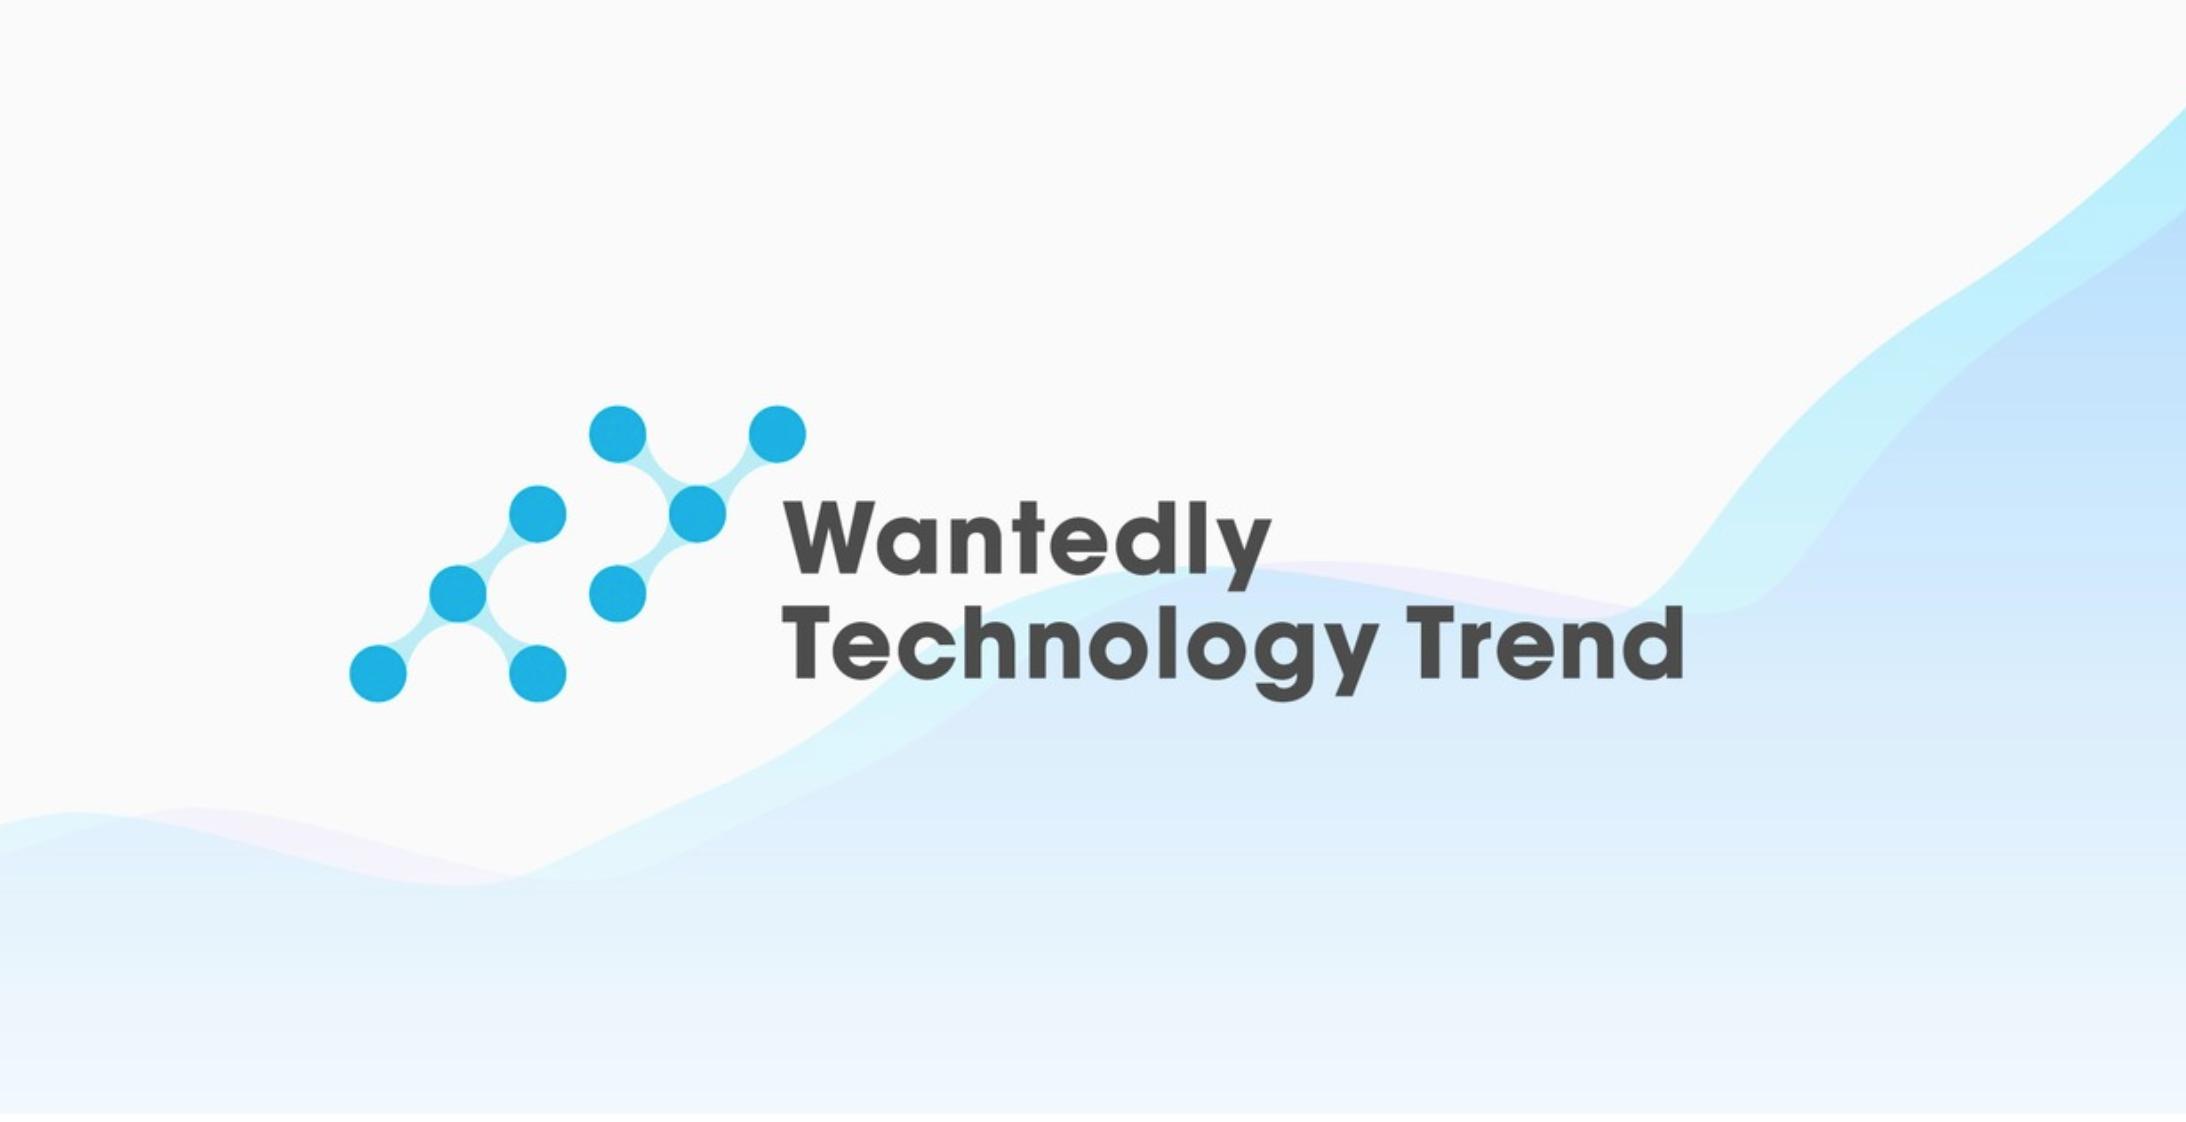 ウォンテッドリー・テクノロジー・トレンドを発表!募集のタイトルや説明文に使われるテック系のトレンドワードをランキング